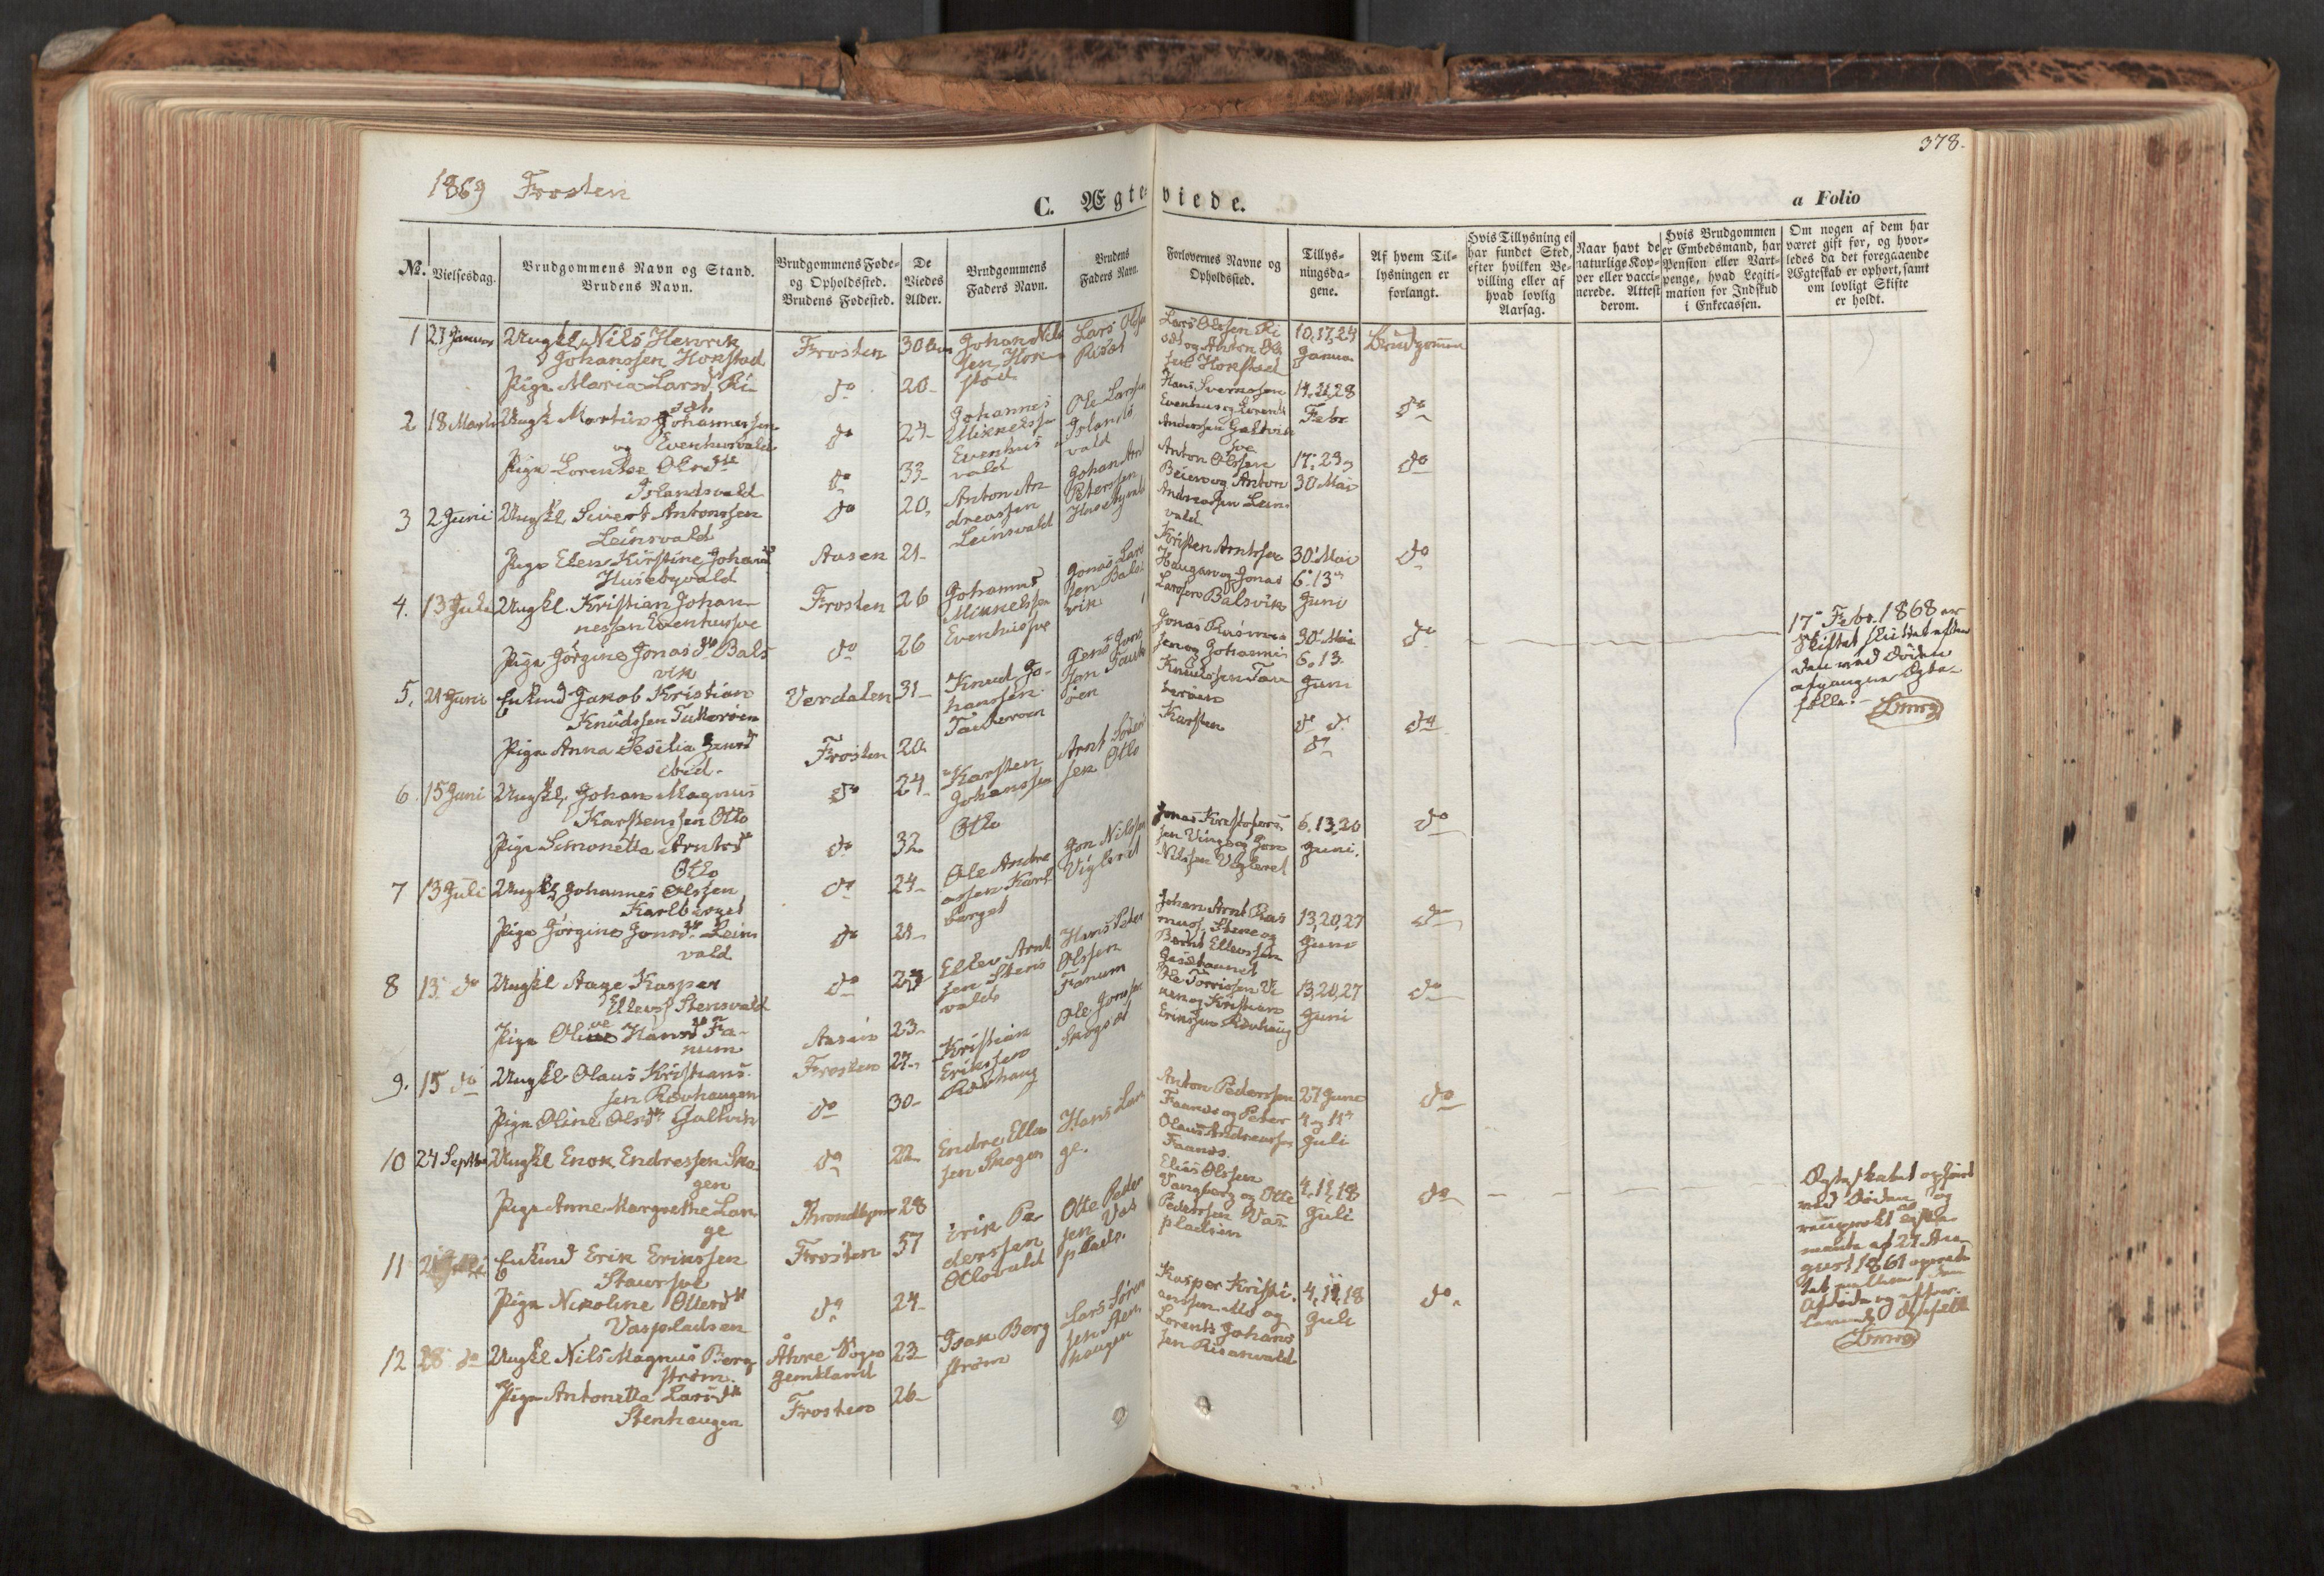 SAT, Ministerialprotokoller, klokkerbøker og fødselsregistre - Nord-Trøndelag, 713/L0116: Ministerialbok nr. 713A07, 1850-1877, s. 378